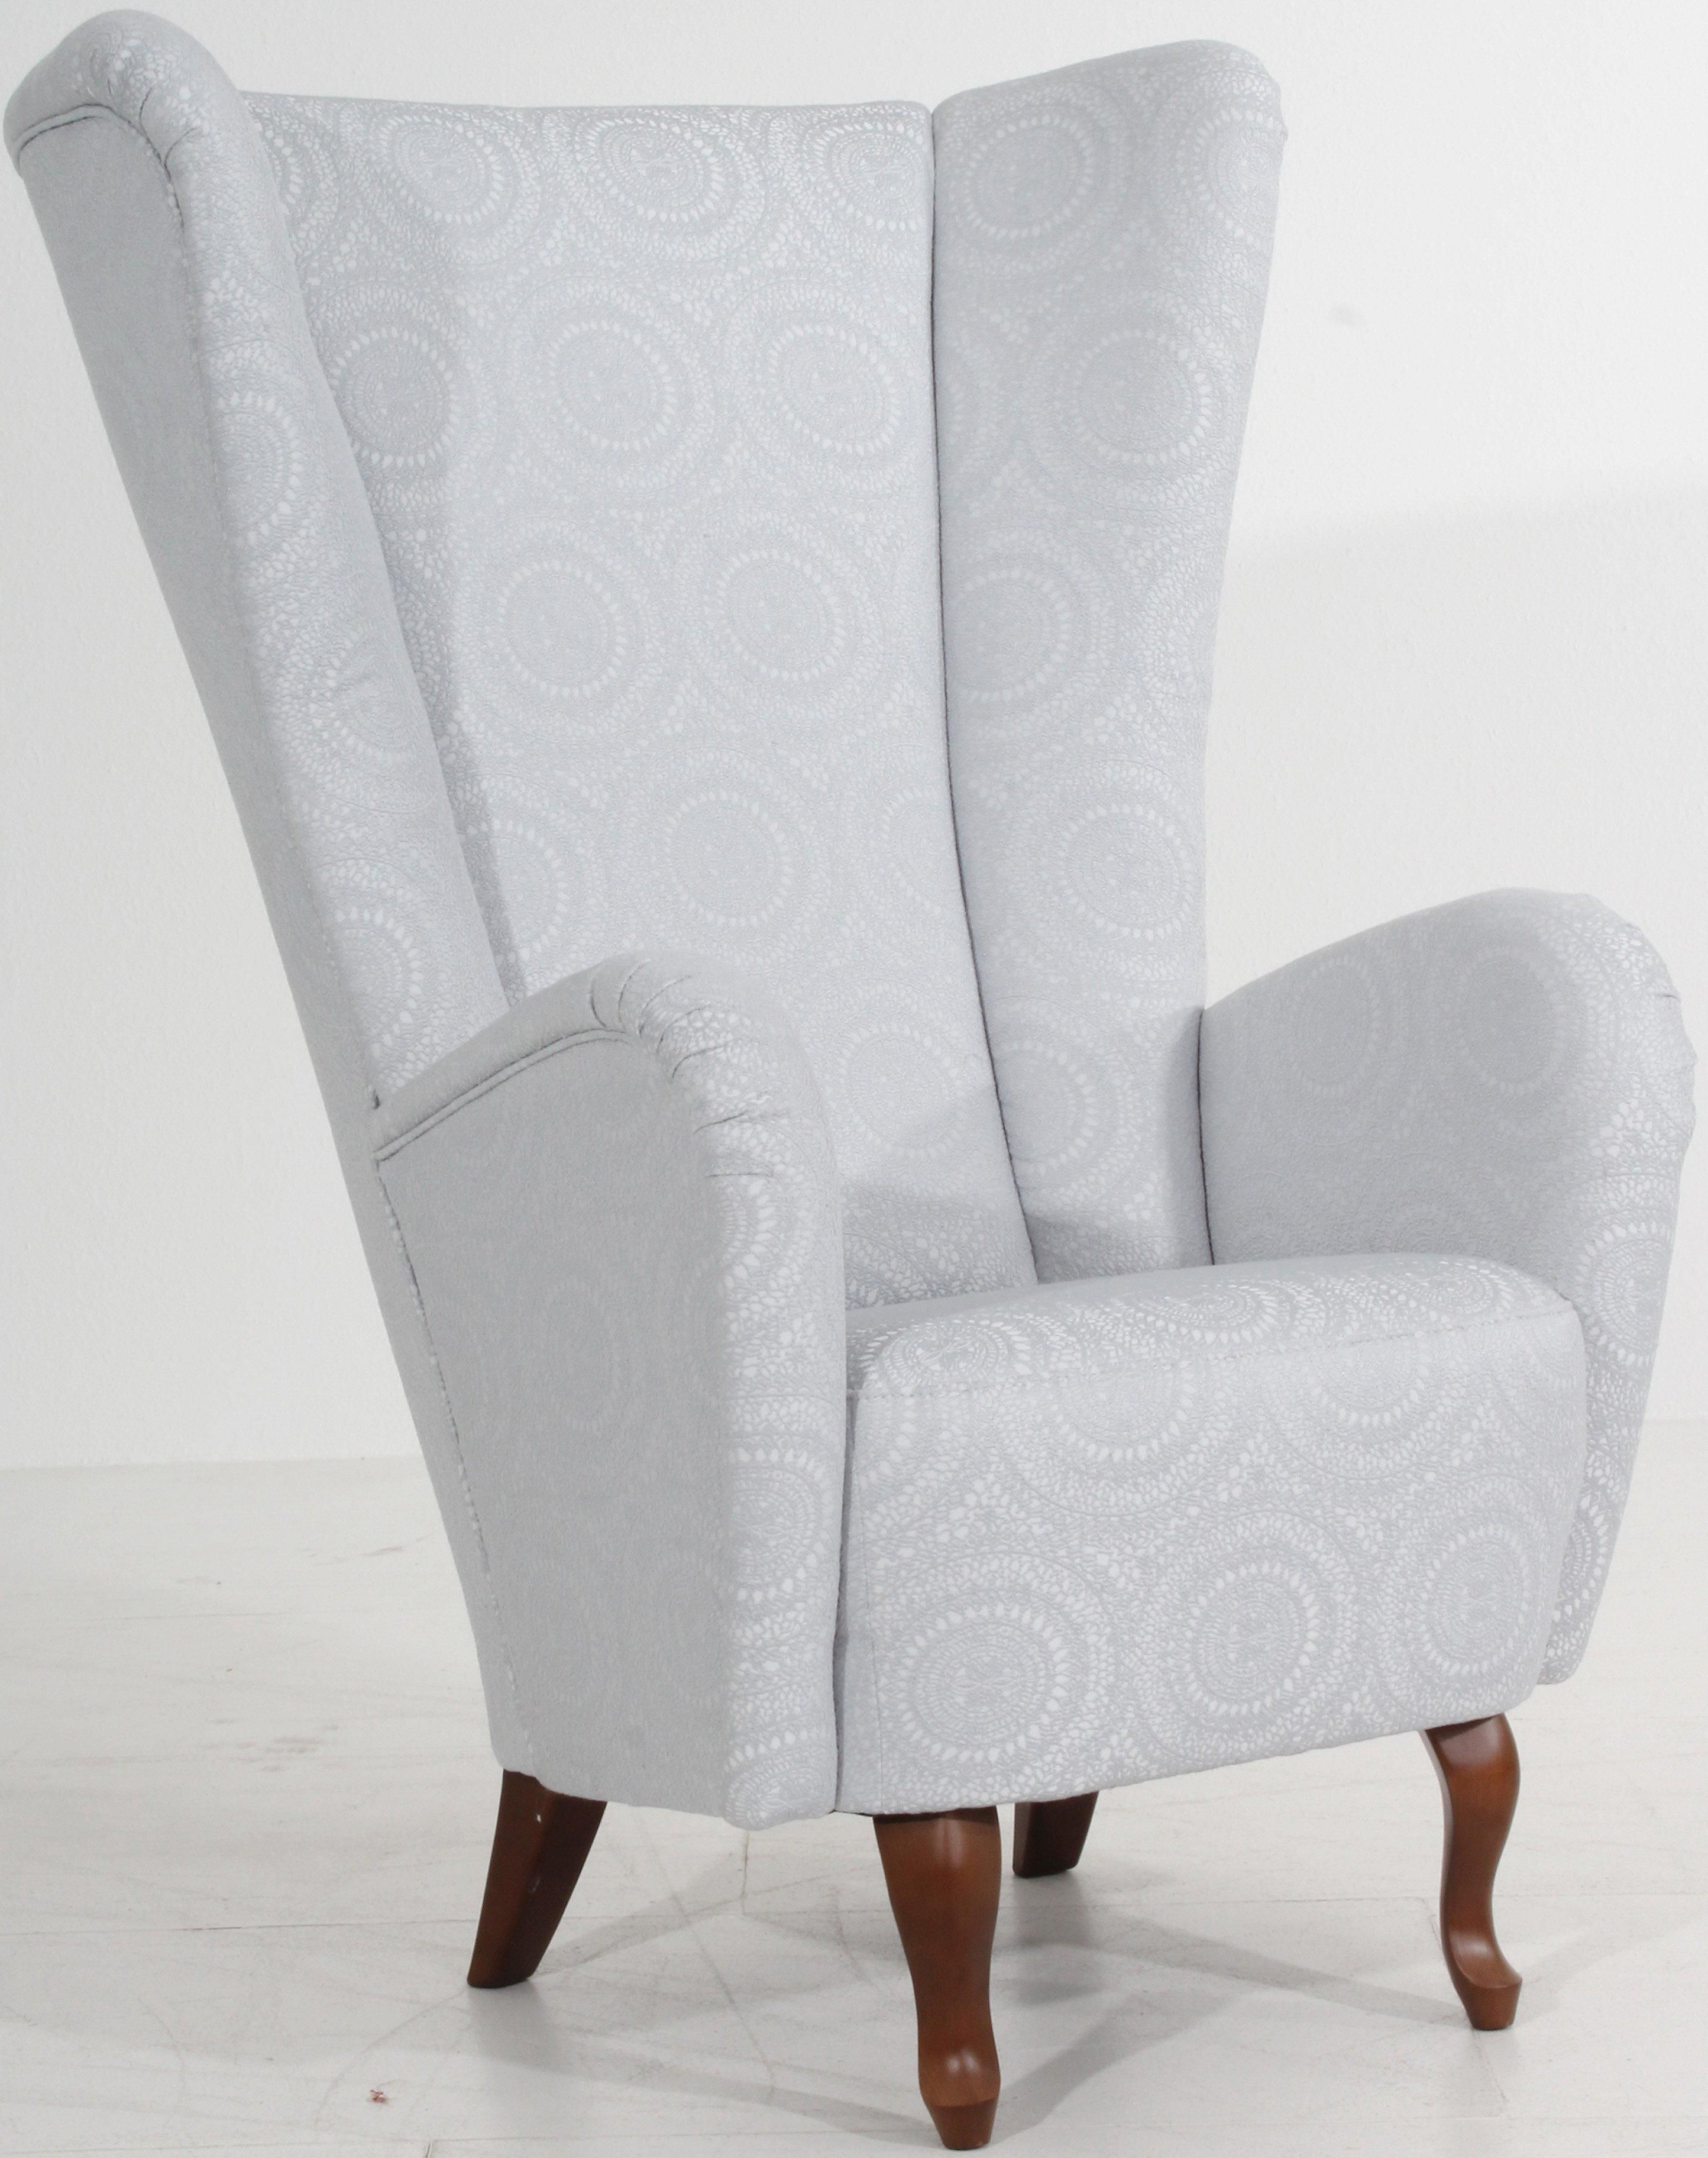 Aufblasbarer Sessel Wohnzimmer Sessel Gunstig Mobel Sessel